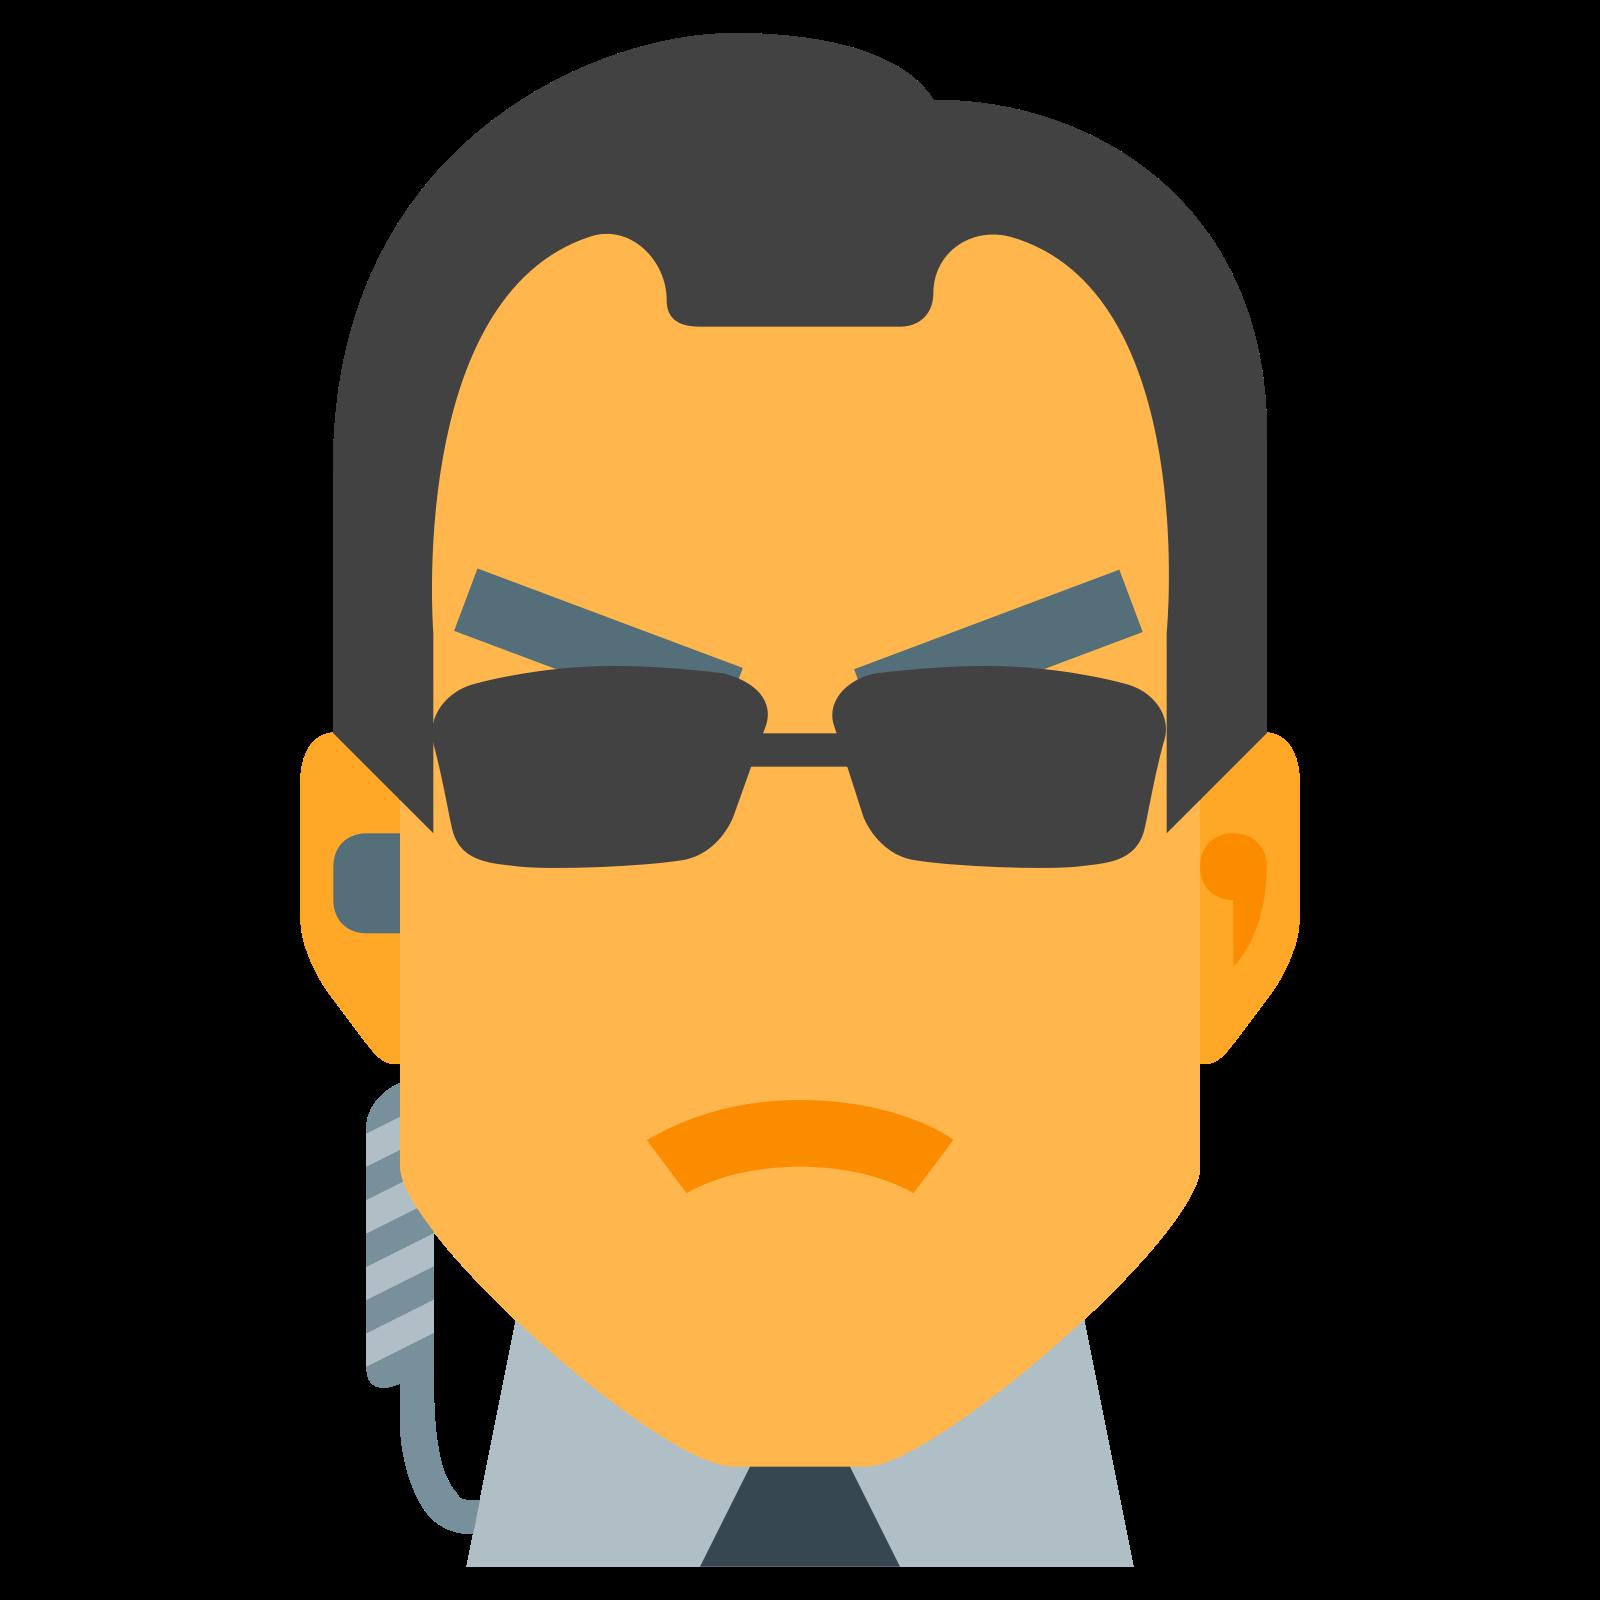 Agent Smith icon